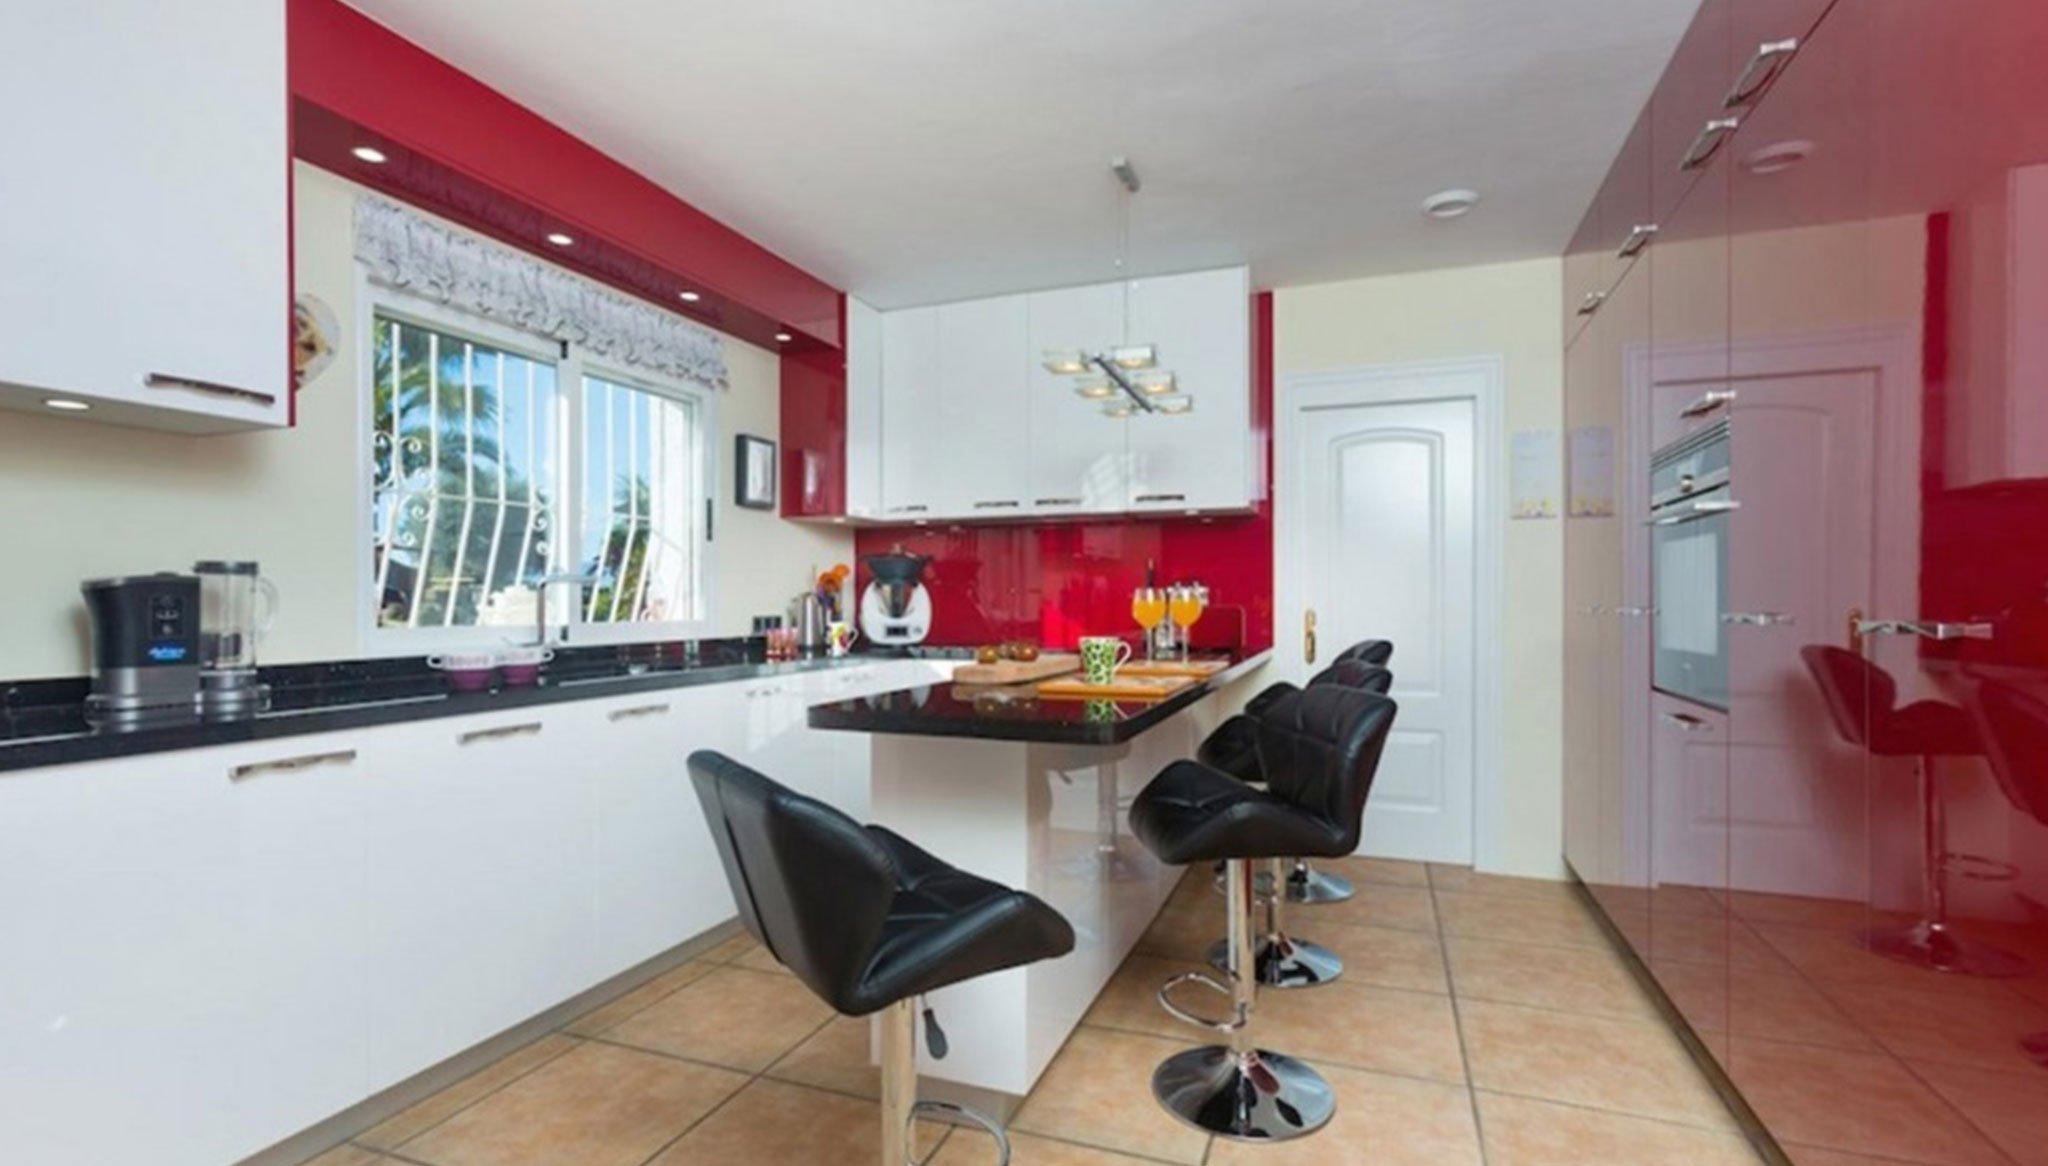 Cocina en tonos rojos en una casa de alto standing en venta en Jávea – Terramar Costa Blanca